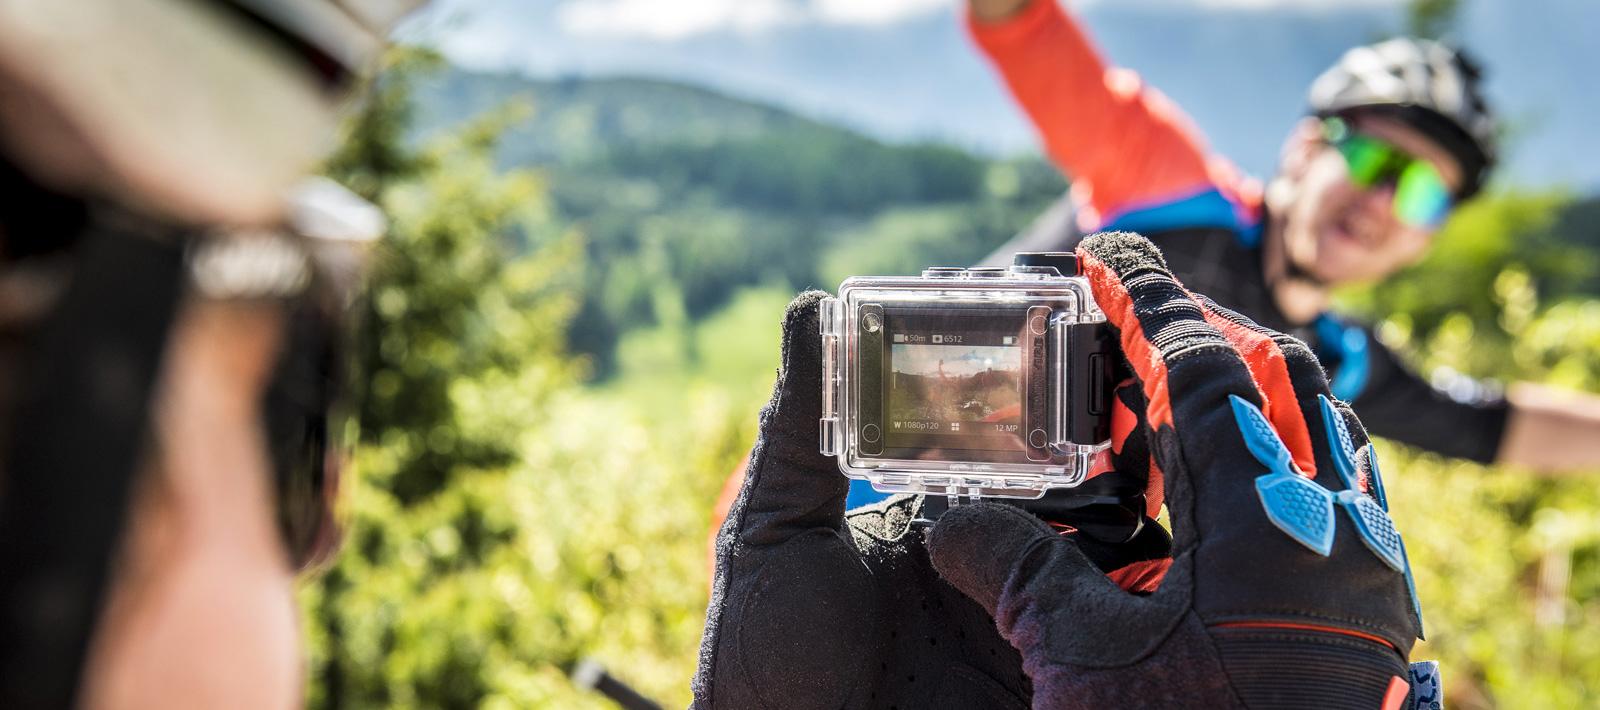 VIRB series (Akcijske kamere)